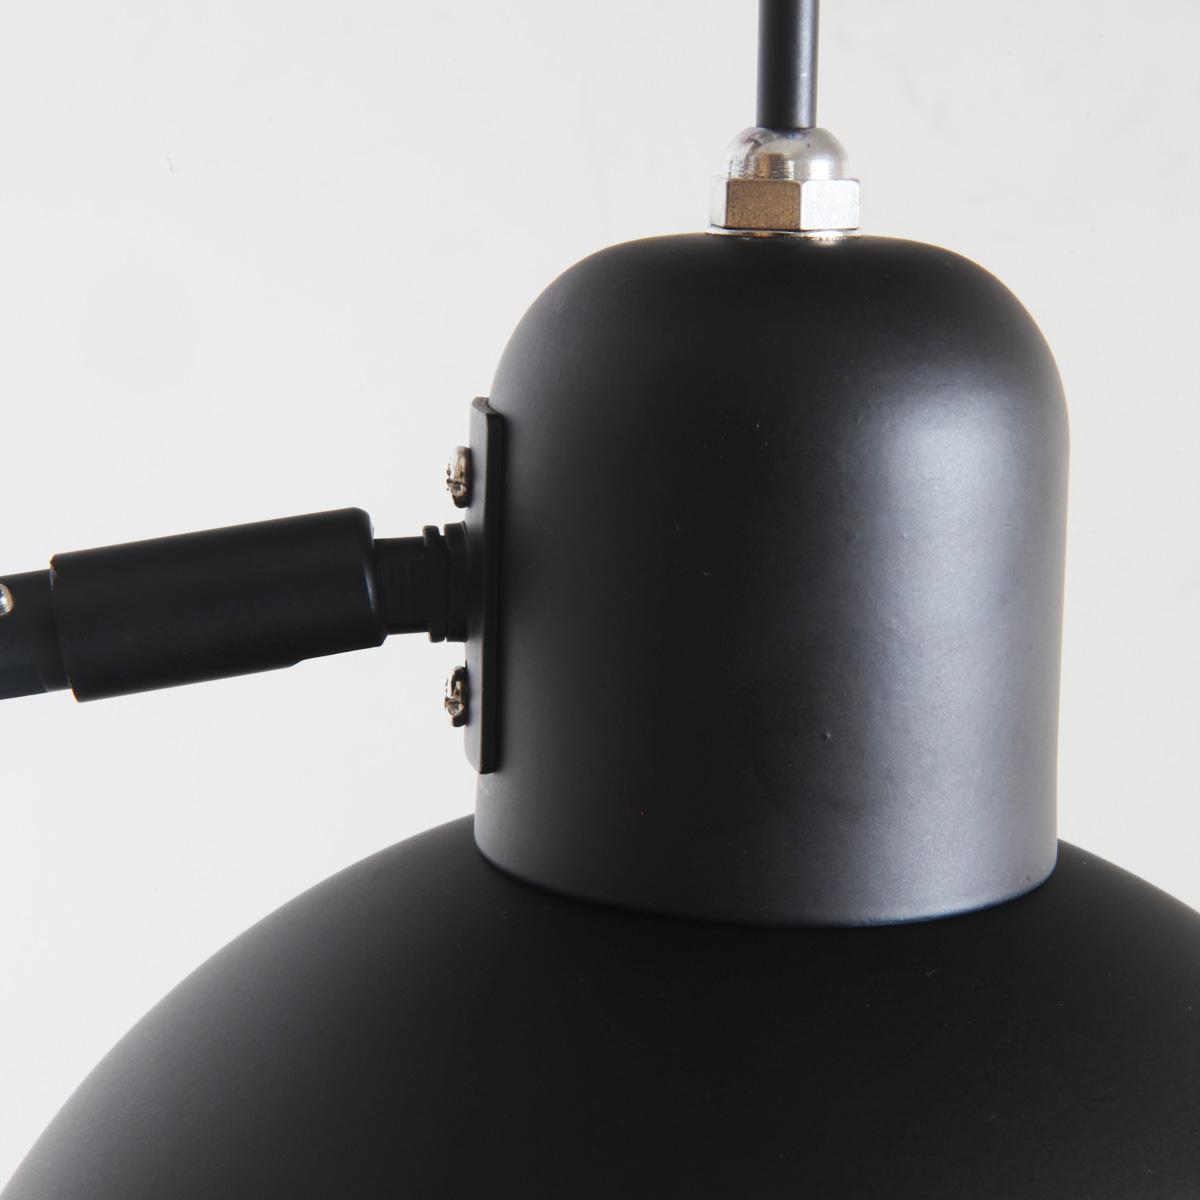 bauhaus scherenleuchte aus stahl in schwarz casa lumi. Black Bedroom Furniture Sets. Home Design Ideas